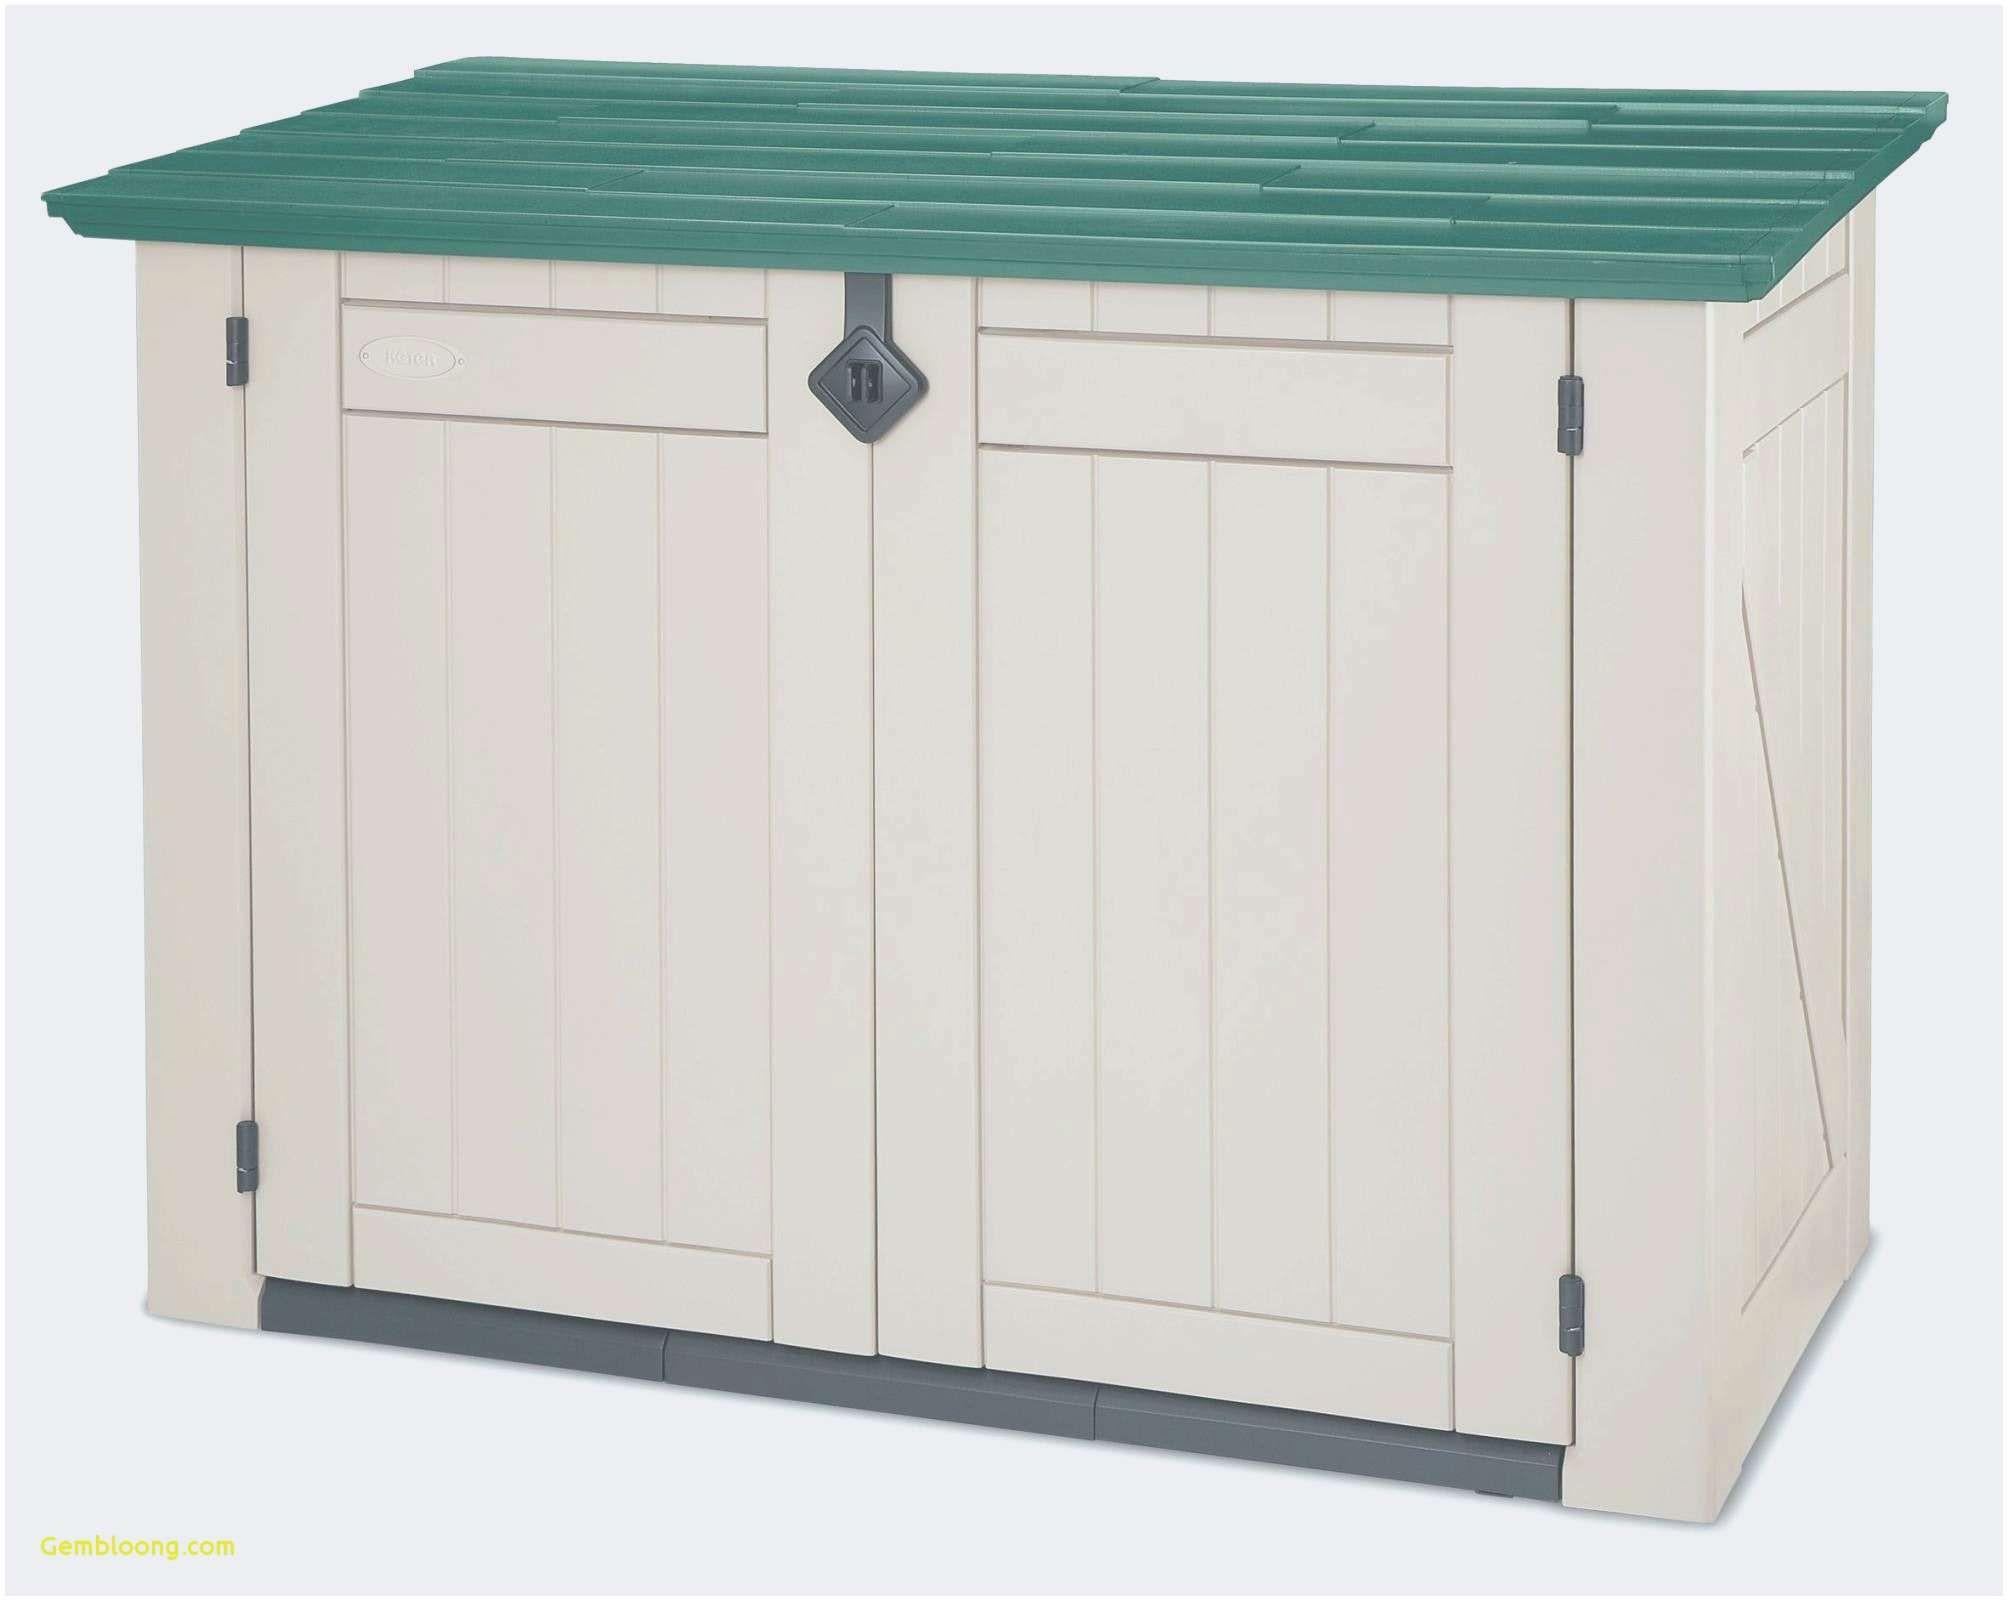 23 Élégant Caisse De Rangement Plastique Brico Depot | Jardin tout Armoire De Rangement Extérieur Brico Dépôt